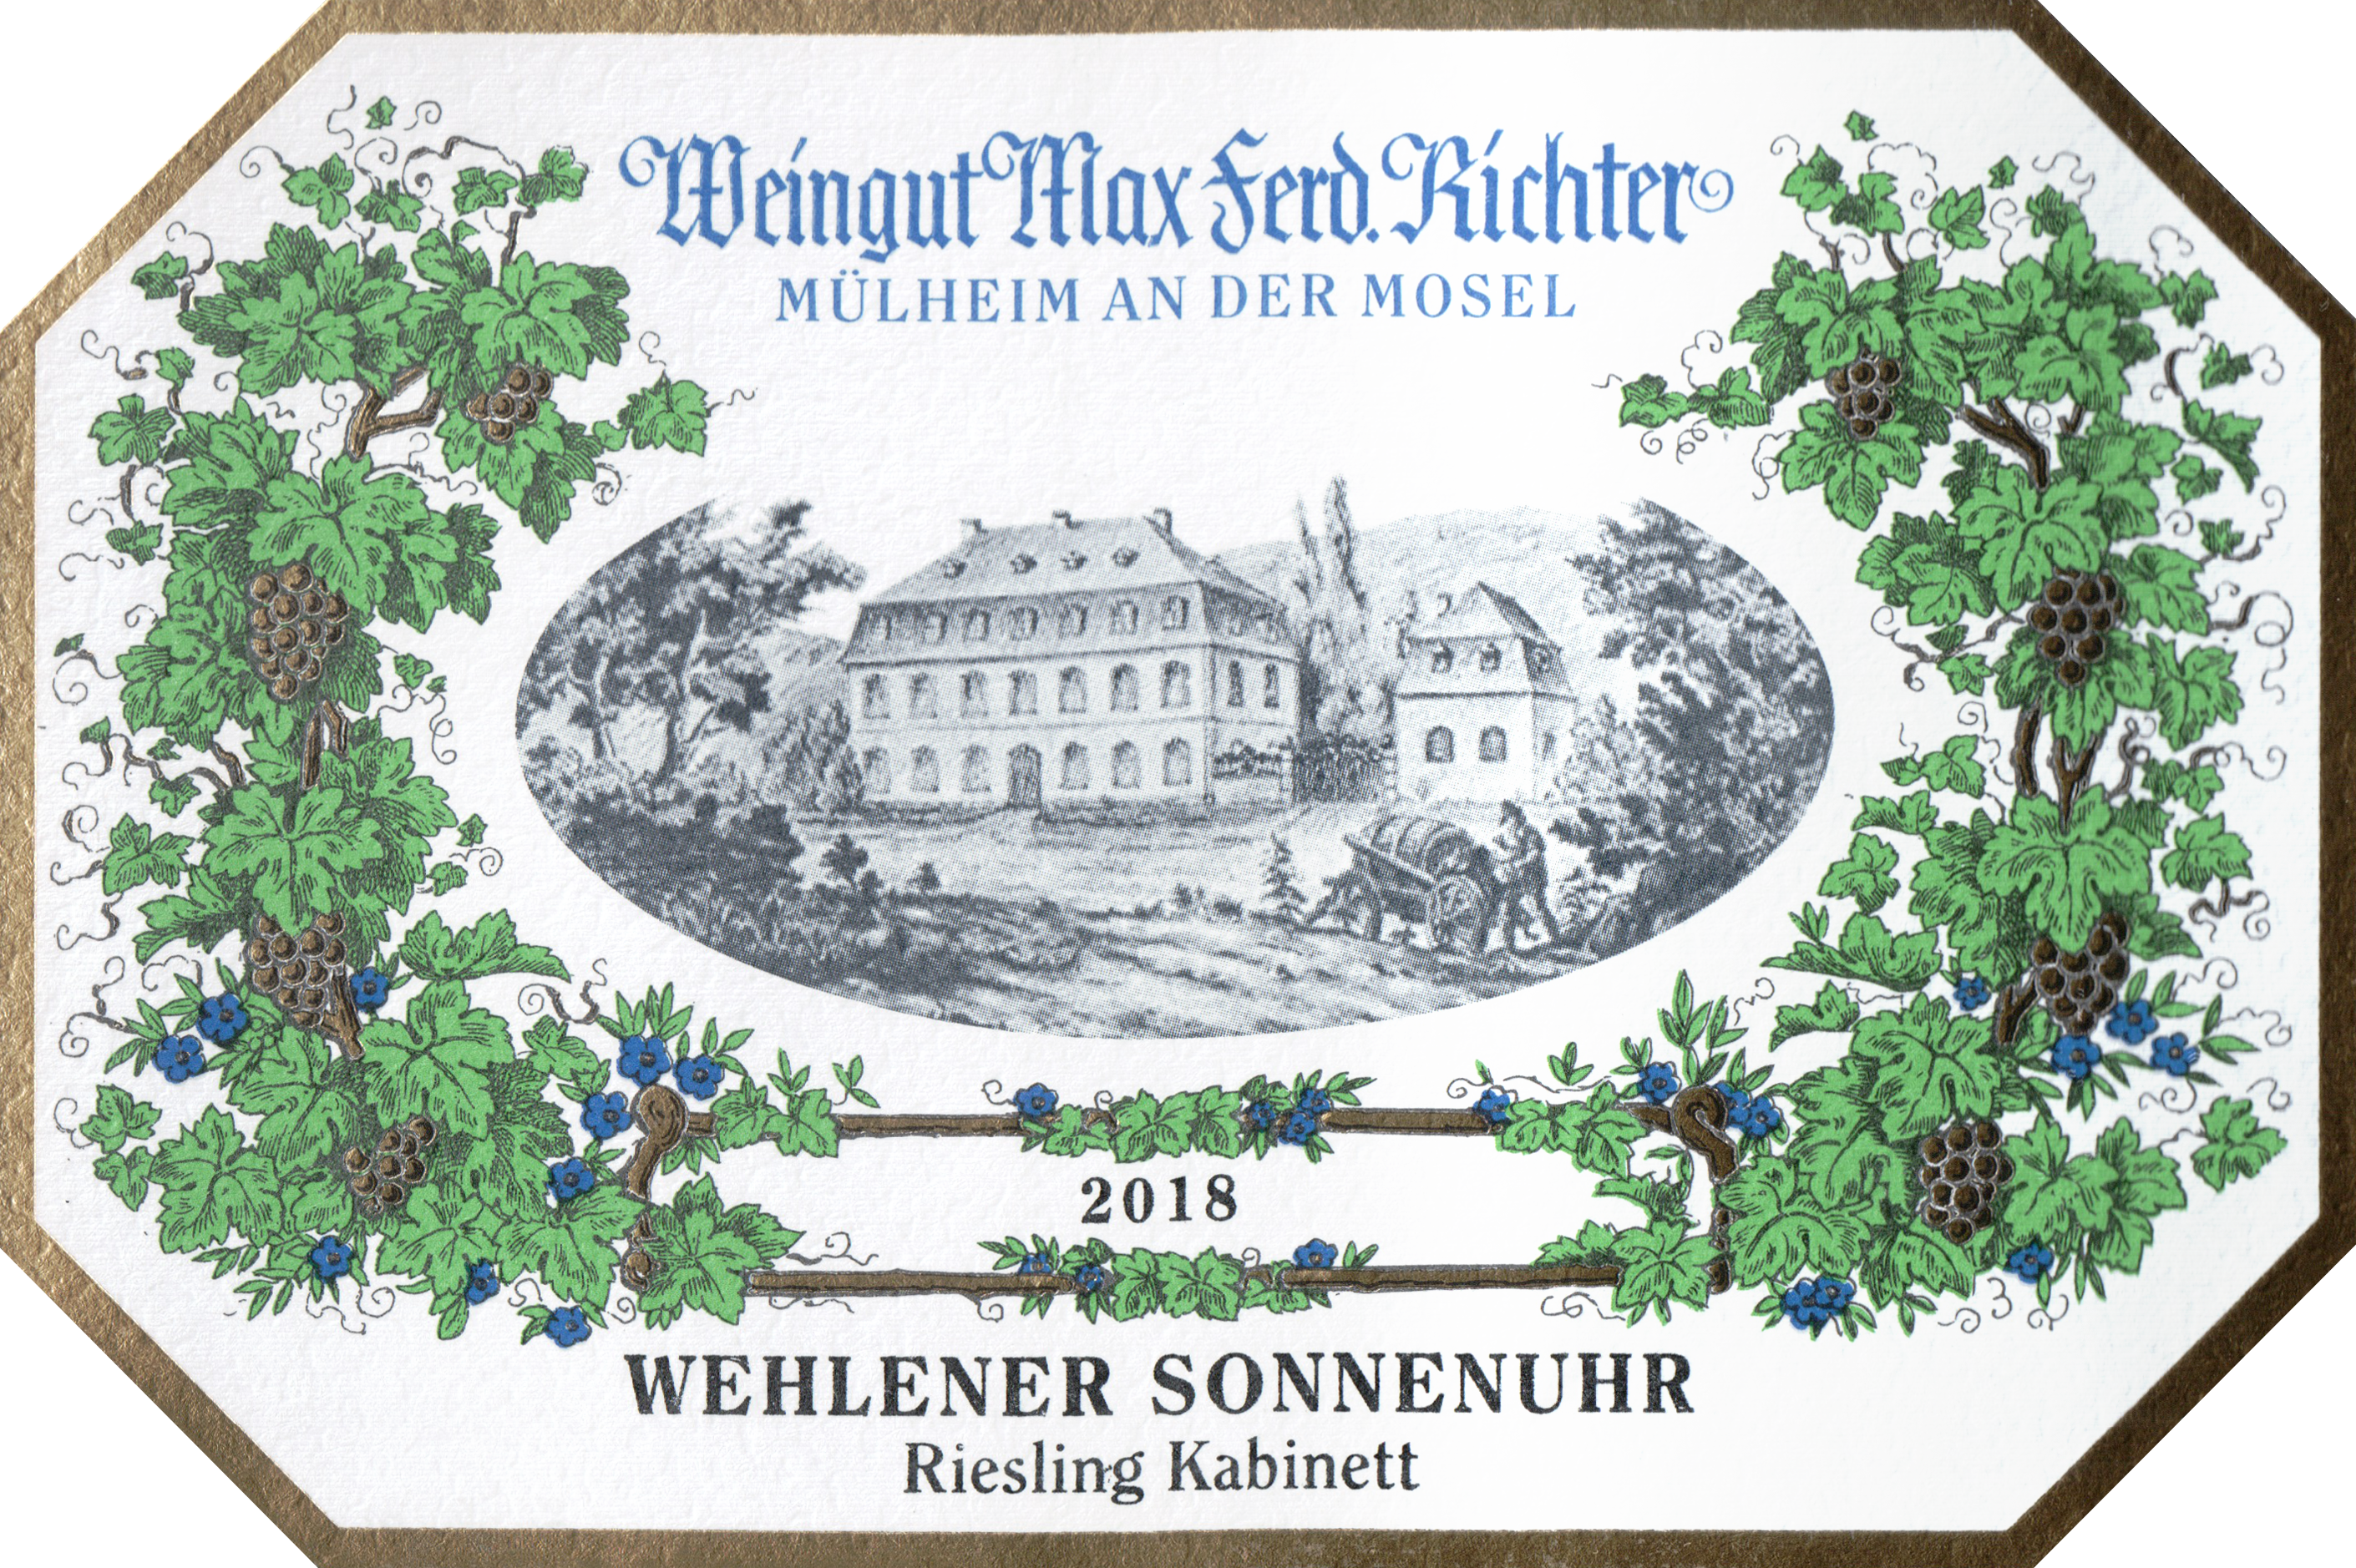 Max Ferd Richter Kabinett Wehlener Sonnenuhr Riesling 2018